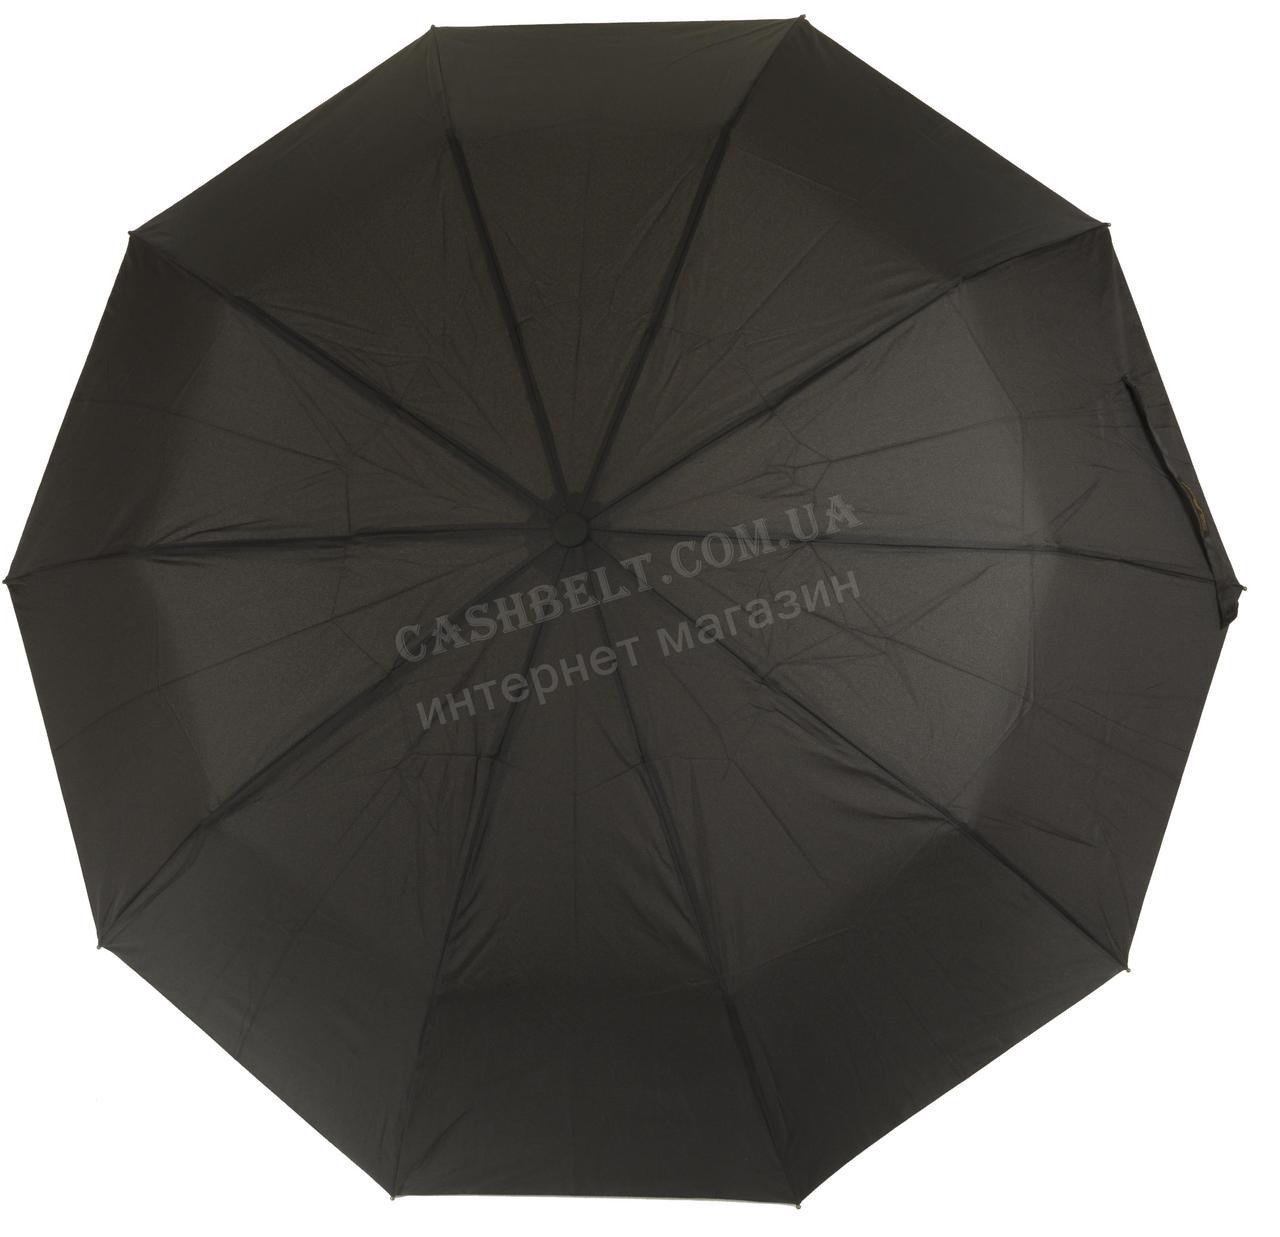 Мужской прочный зонт полуавтомат классический черный цвет BELLISSIMO art. 455 черный (101220)